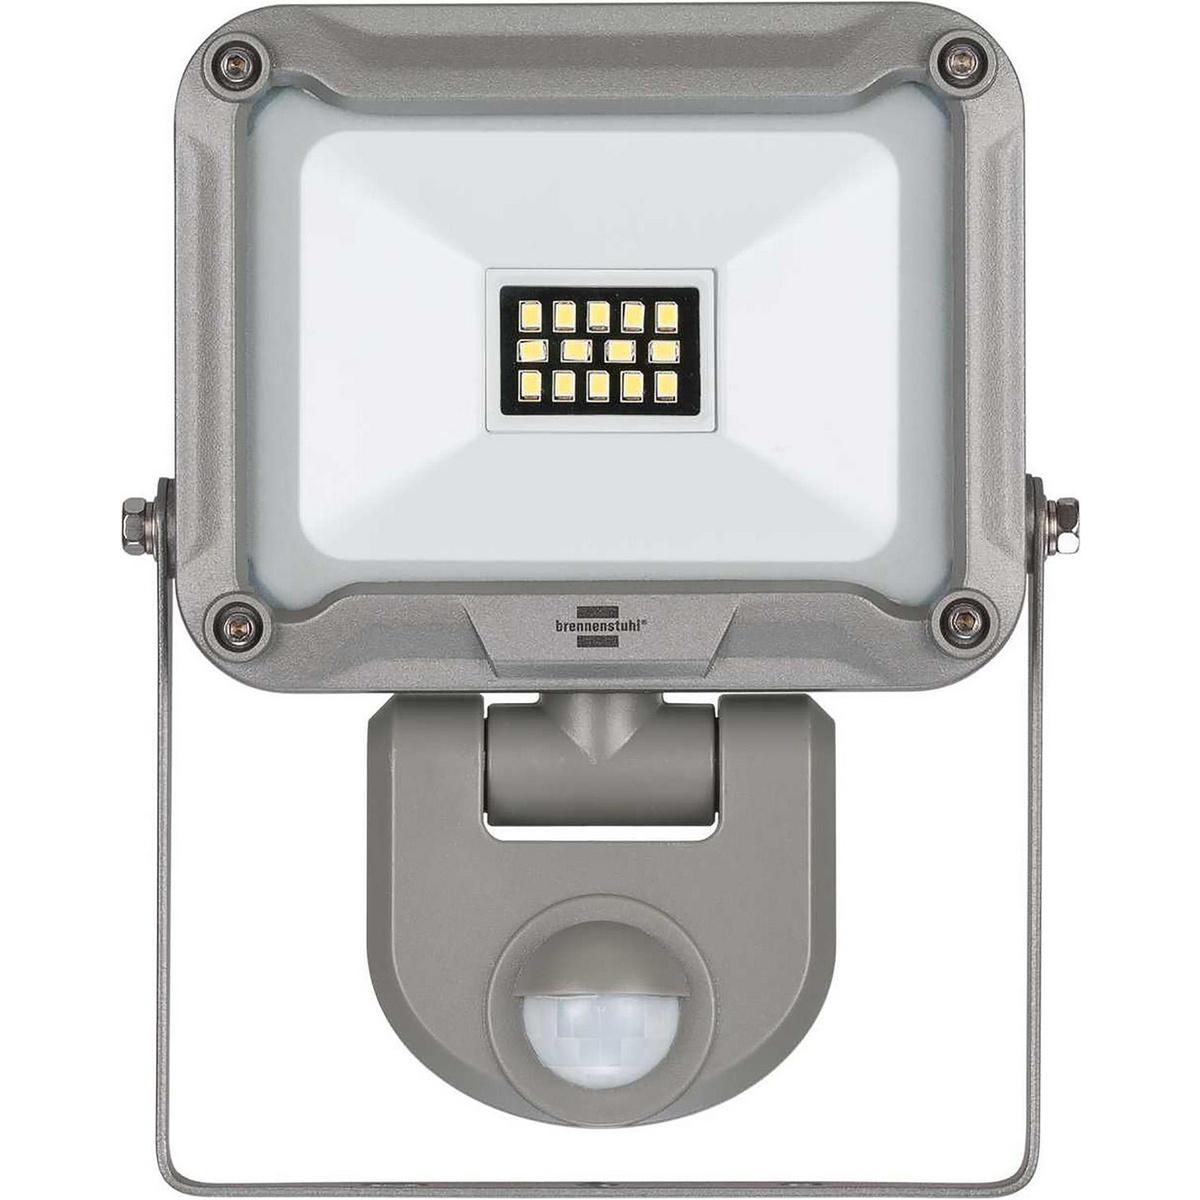 Adequado para instalação interna e externa, IP 44. Chip LED de alta potência de 10 W para montagem na parede, com distribuição de luz extra larga para iluminar uma grande área. Ideal para amadores, oficinas e canteiros de obras. Ilumina automaticamente en